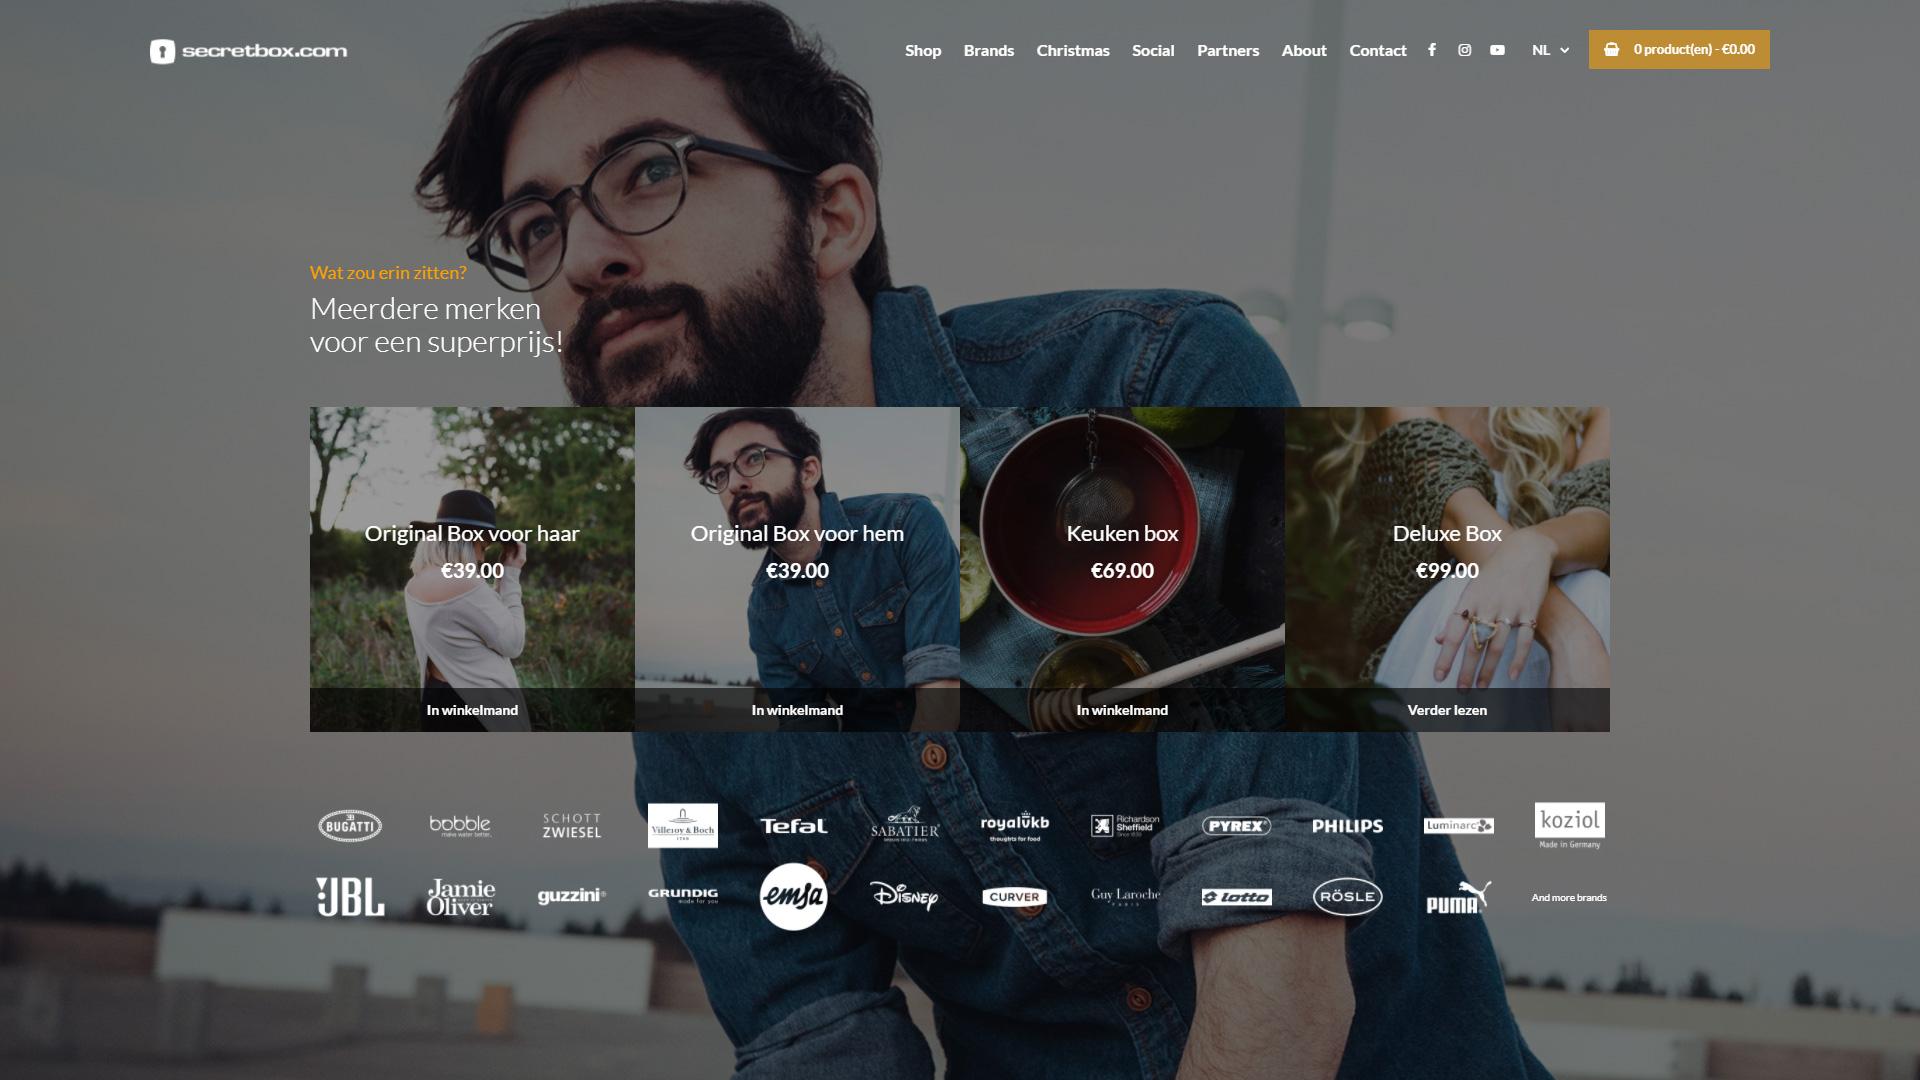 Secretbox.com - Productoverzicht